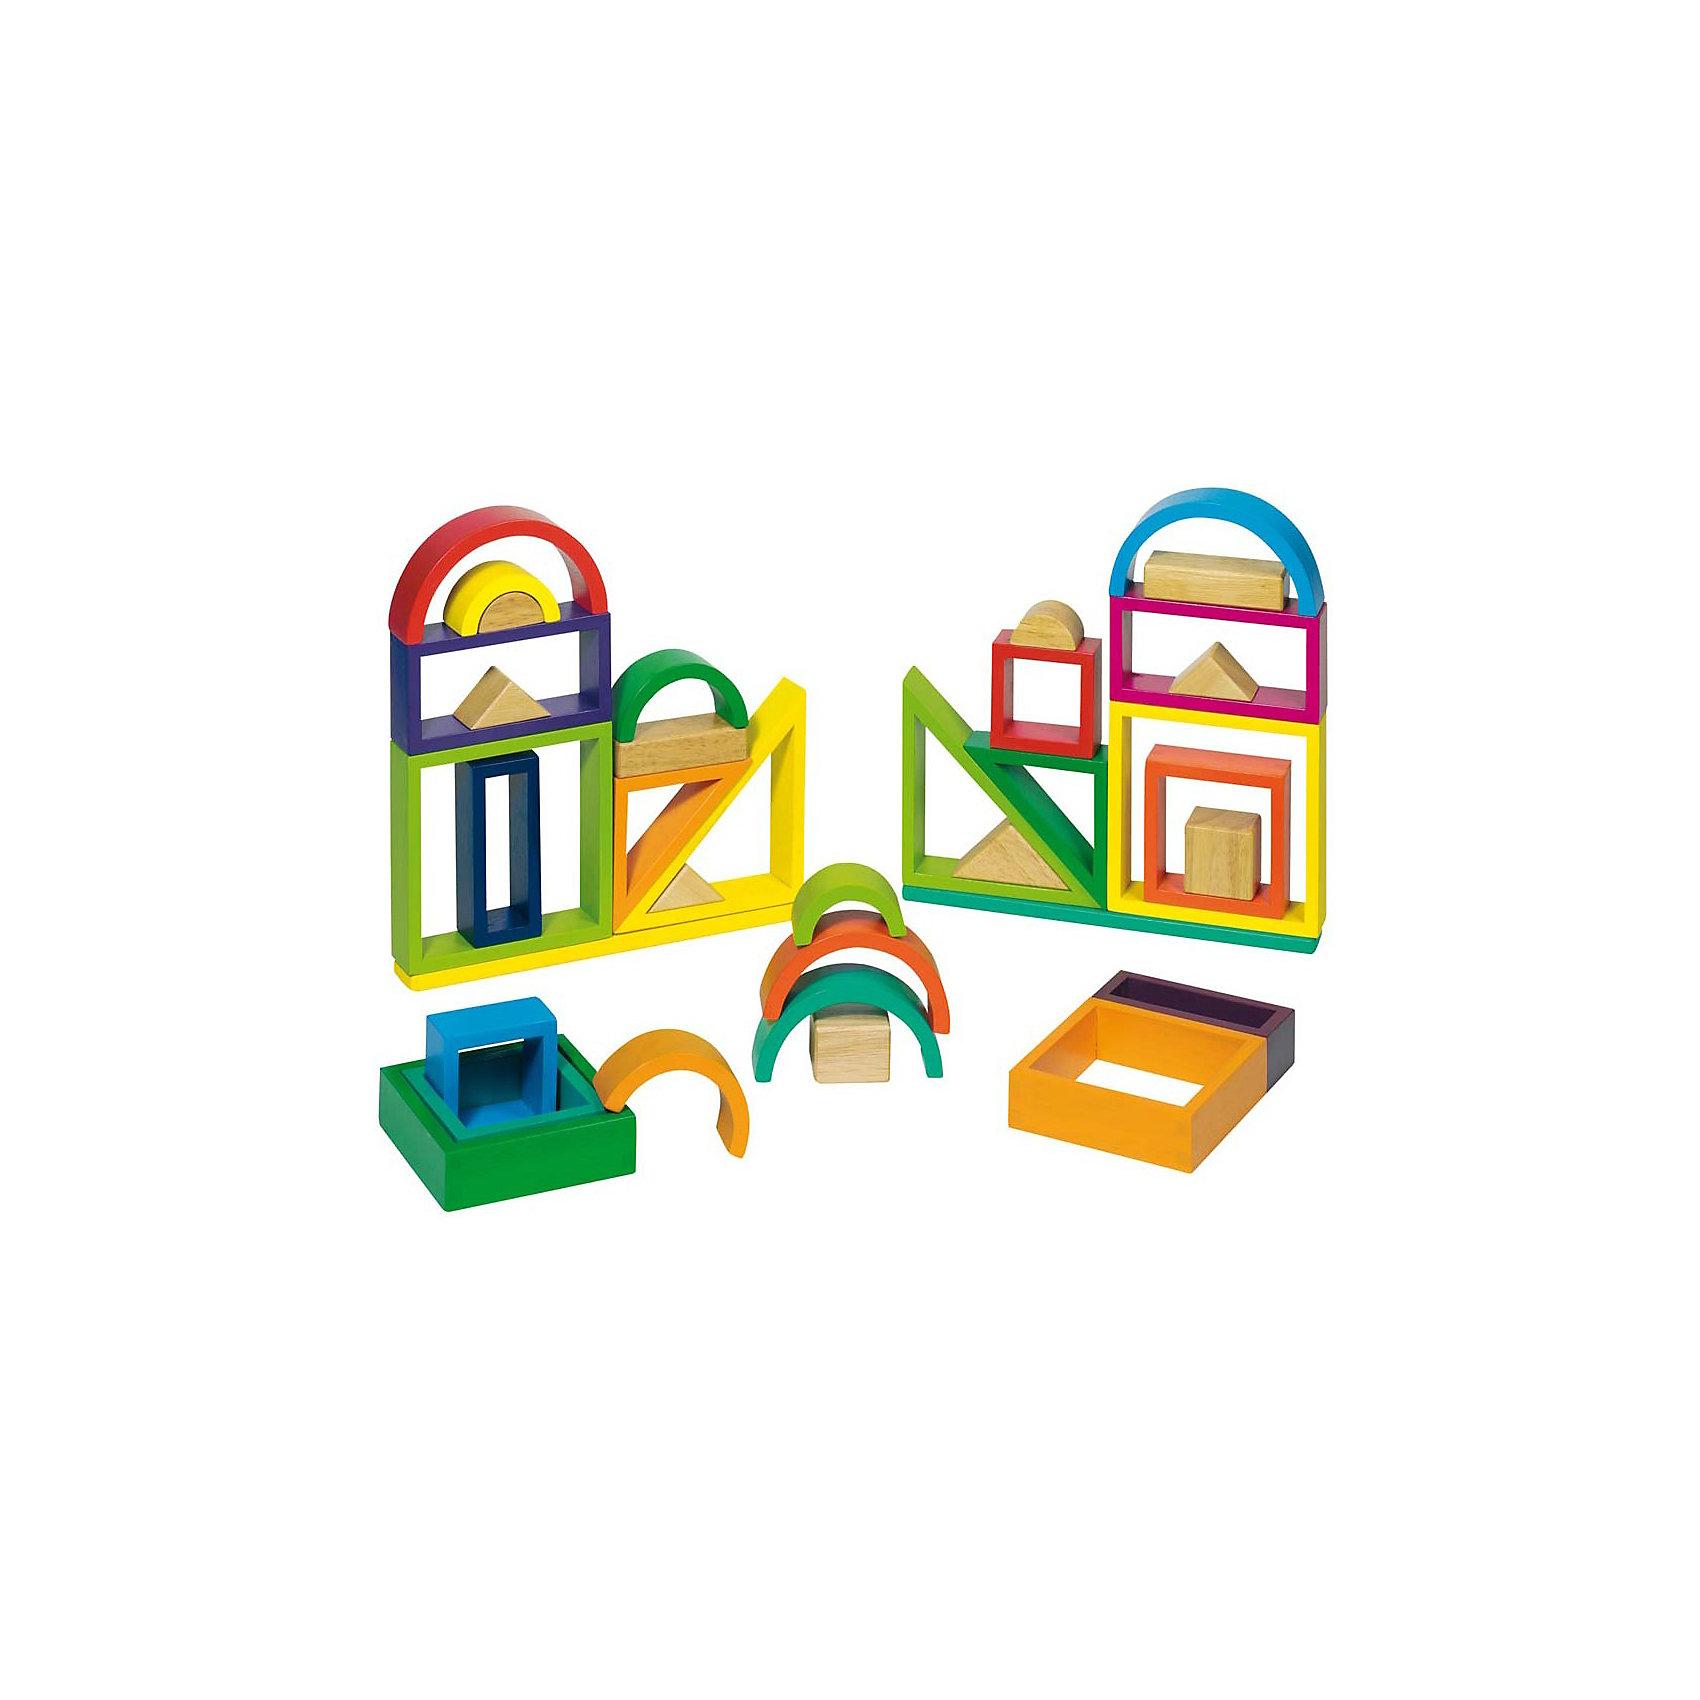 Строительные кубики Рамки Радужные GOKIКонструктор для построения разнообразных красочных зданий и сооружений. Набор выполнен из натурального дерева, раскрашен нетоксичными красками на водной основе. Прекрасно развивает мелкую и крупную моторику, цветовосприятие, знакомит малыша с геометрическими фигурами. Набор выполнен из натурального дерева. Раскрашен нетоксичными красками на водной основе. <br><br>Дополнительная информация:<br><br>- 38 элементов.<br>- Материал: дерево.<br>- Размер: 19,5 х 29,5 см.<br>- Цвет: красный, желтый, зеленый, голубой, синий, оранжевый.<br><br>Строительные кубики Рамки Радужные GOKI (Гоки) можно купить в нашем магазине.<br><br>Ширина мм: 343<br>Глубина мм: 263<br>Высота мм: 40<br>Вес г: 1820<br>Возраст от месяцев: 24<br>Возраст до месяцев: 72<br>Пол: Унисекс<br>Возраст: Детский<br>SKU: 2031291